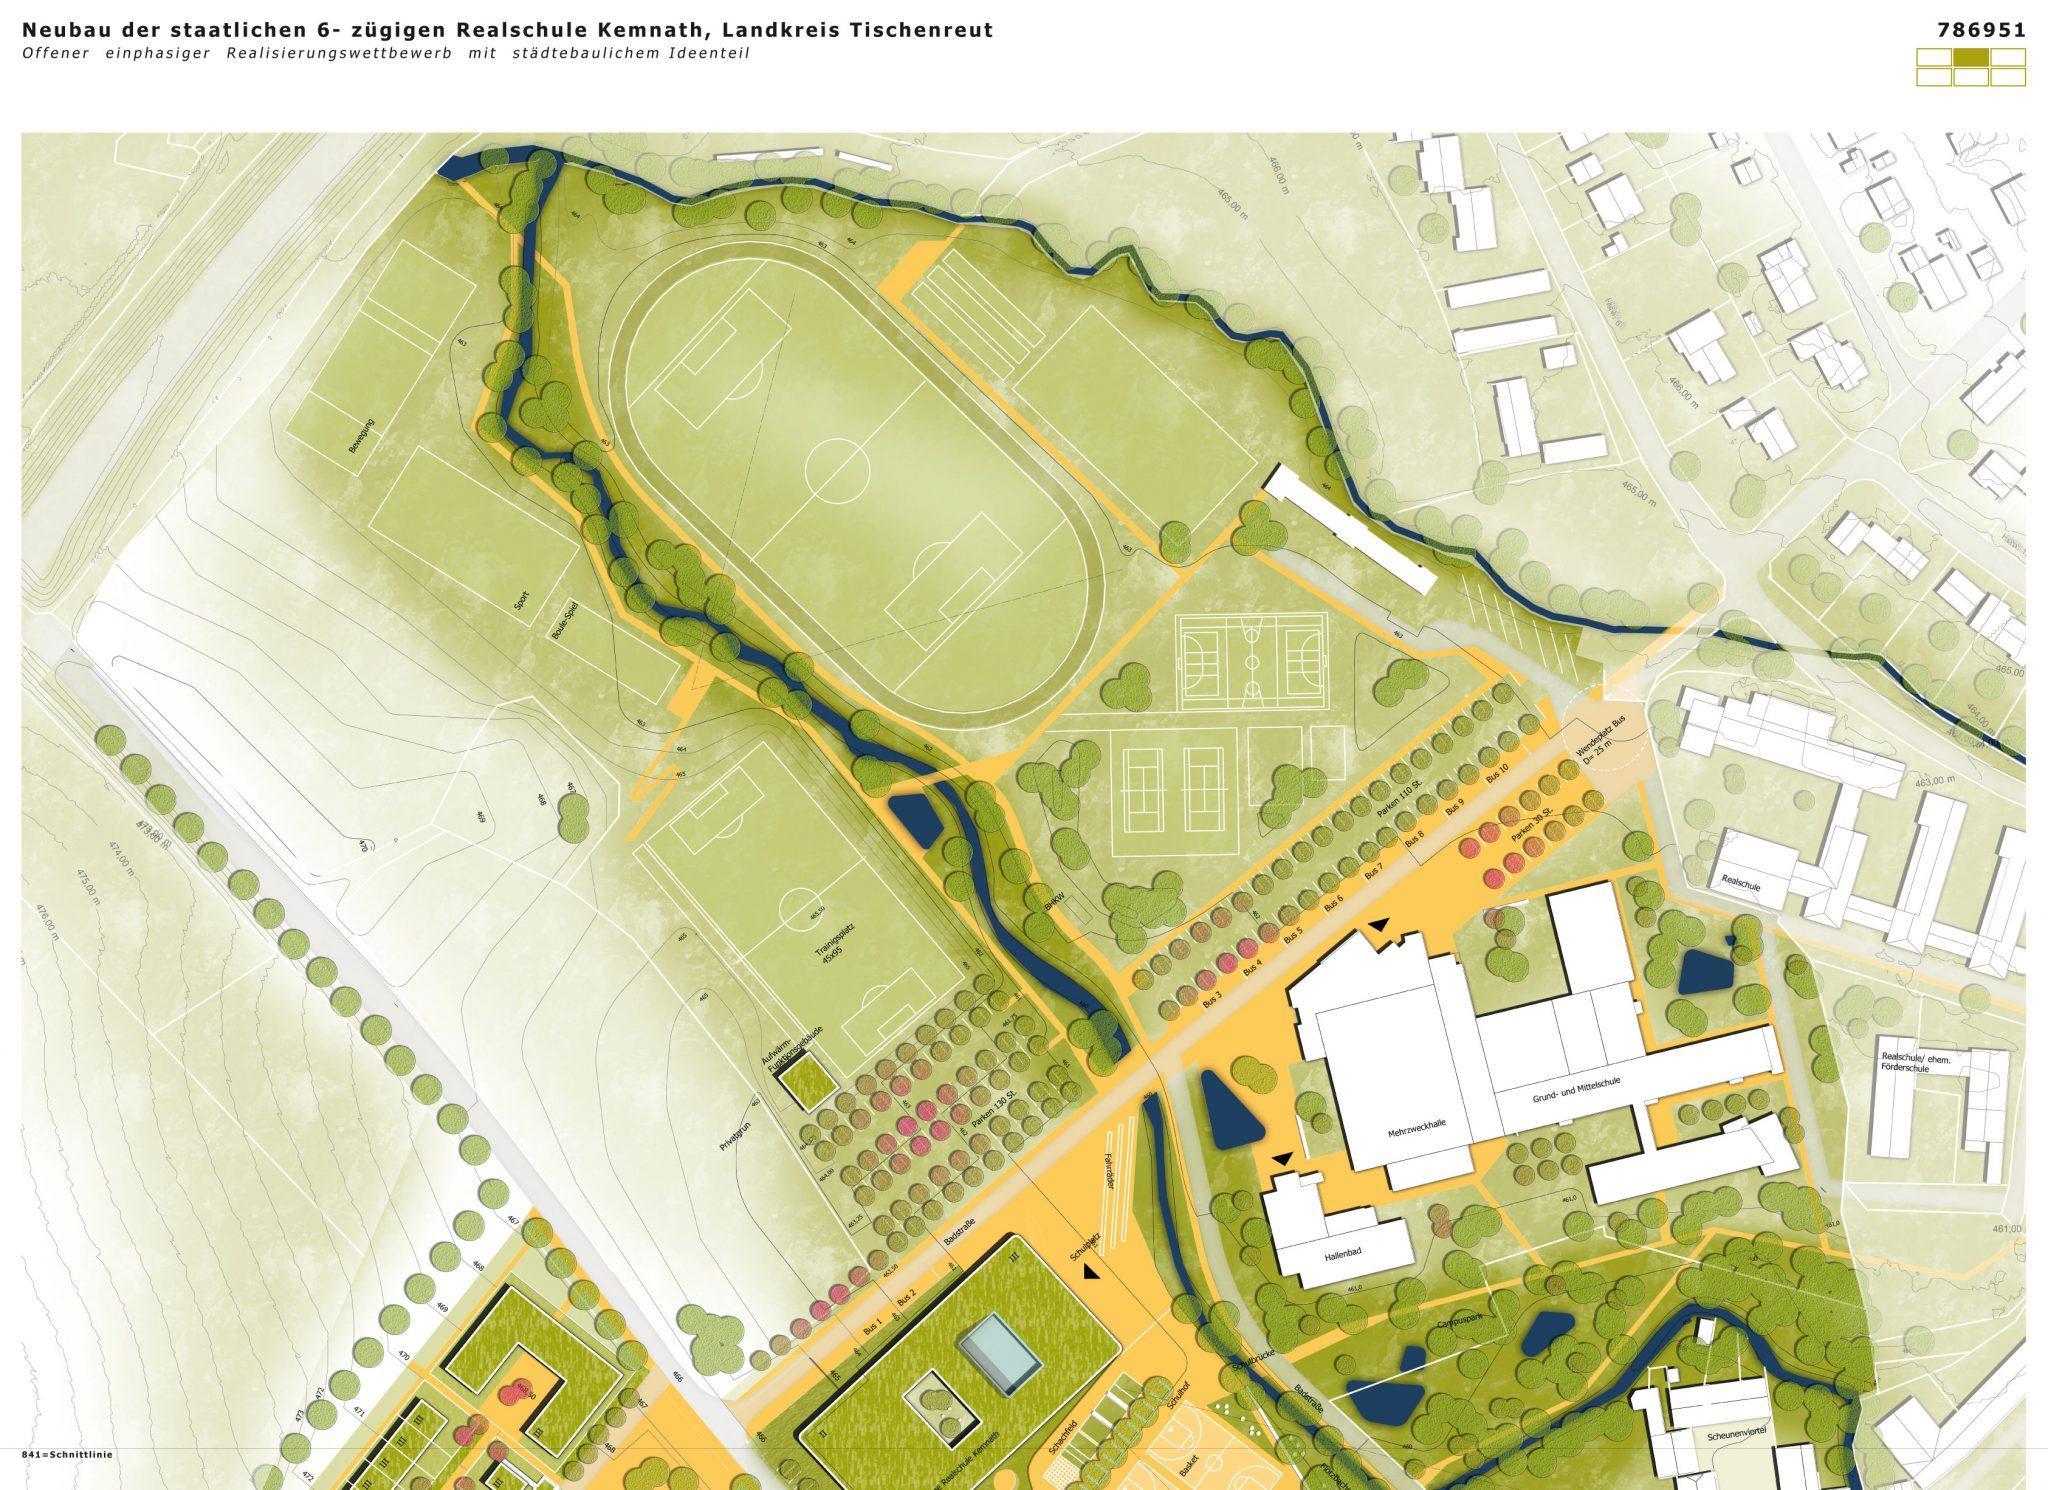 Wettbewerb Realschule Kemnath Lageplan mit Sportplatz